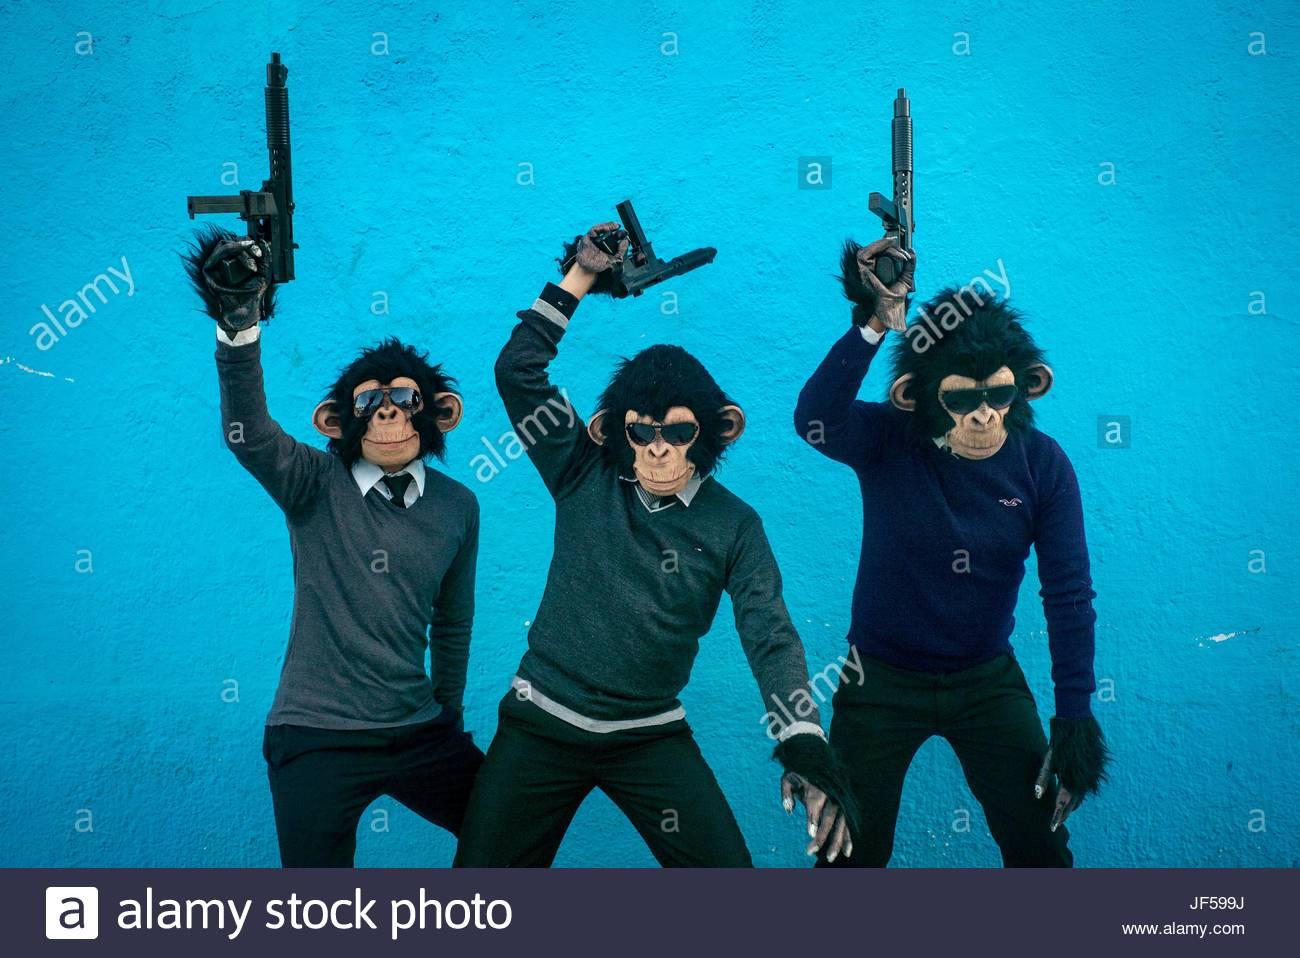 I partecipanti indossano scimpanzé scimmia costumi, brandire pistole giocattolo durante un giorno dei morti Immagini Stock